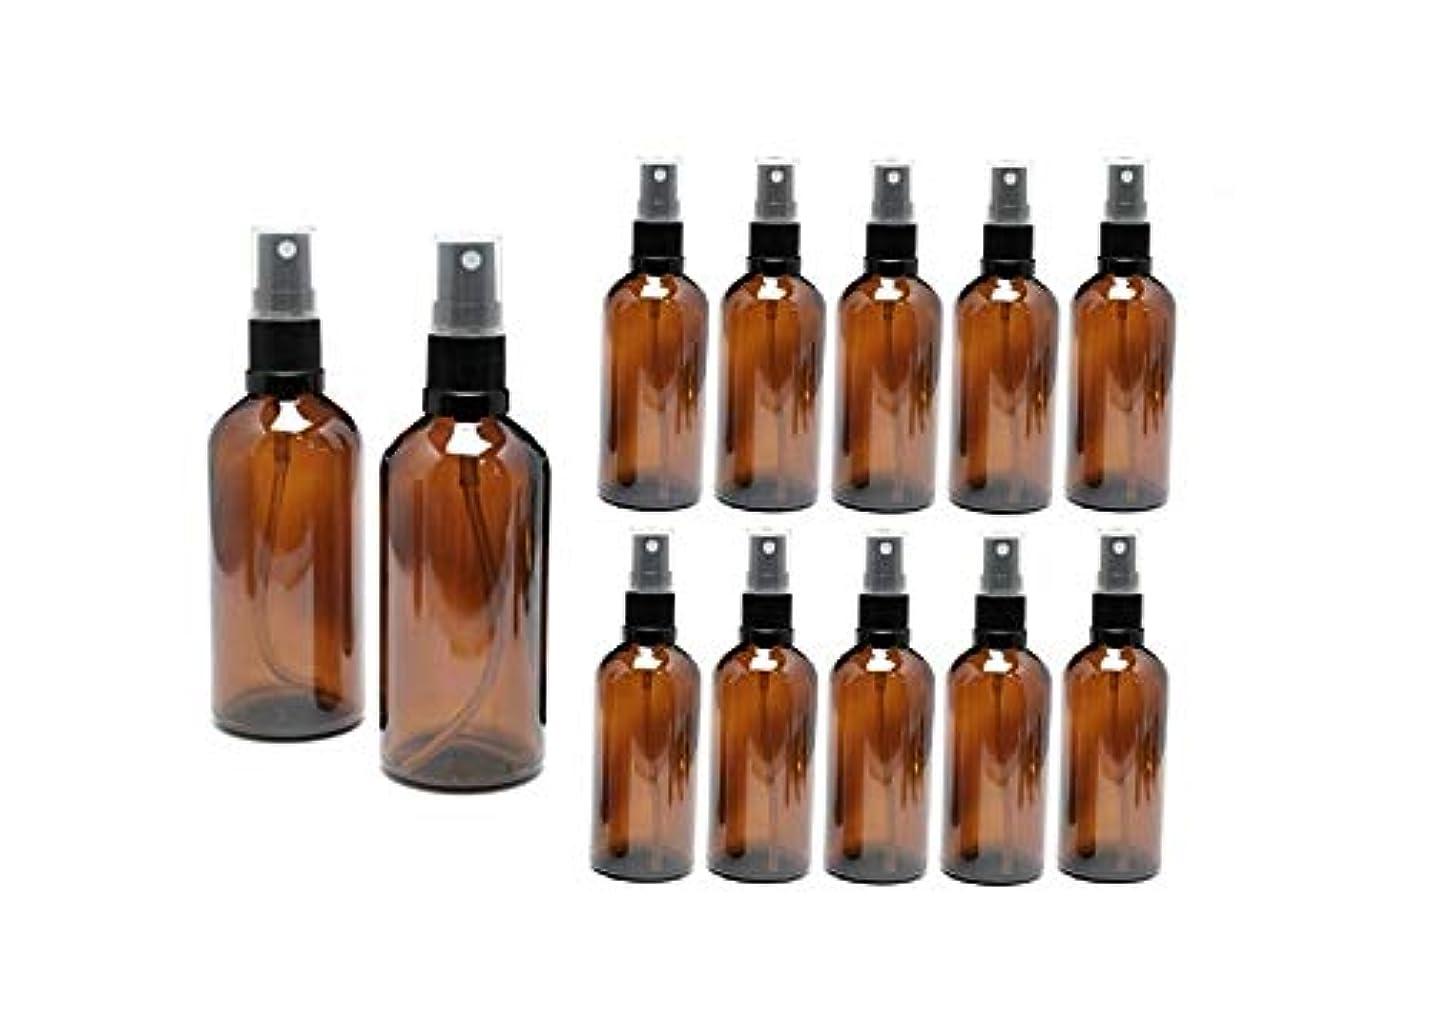 多くの危険がある状況無一文木遮光瓶 スプレーボトル 100ml アンバー/ブラックヘッド(グラス/アトマイザー) 【新品アウトレット商品 】 (4) 12本セット